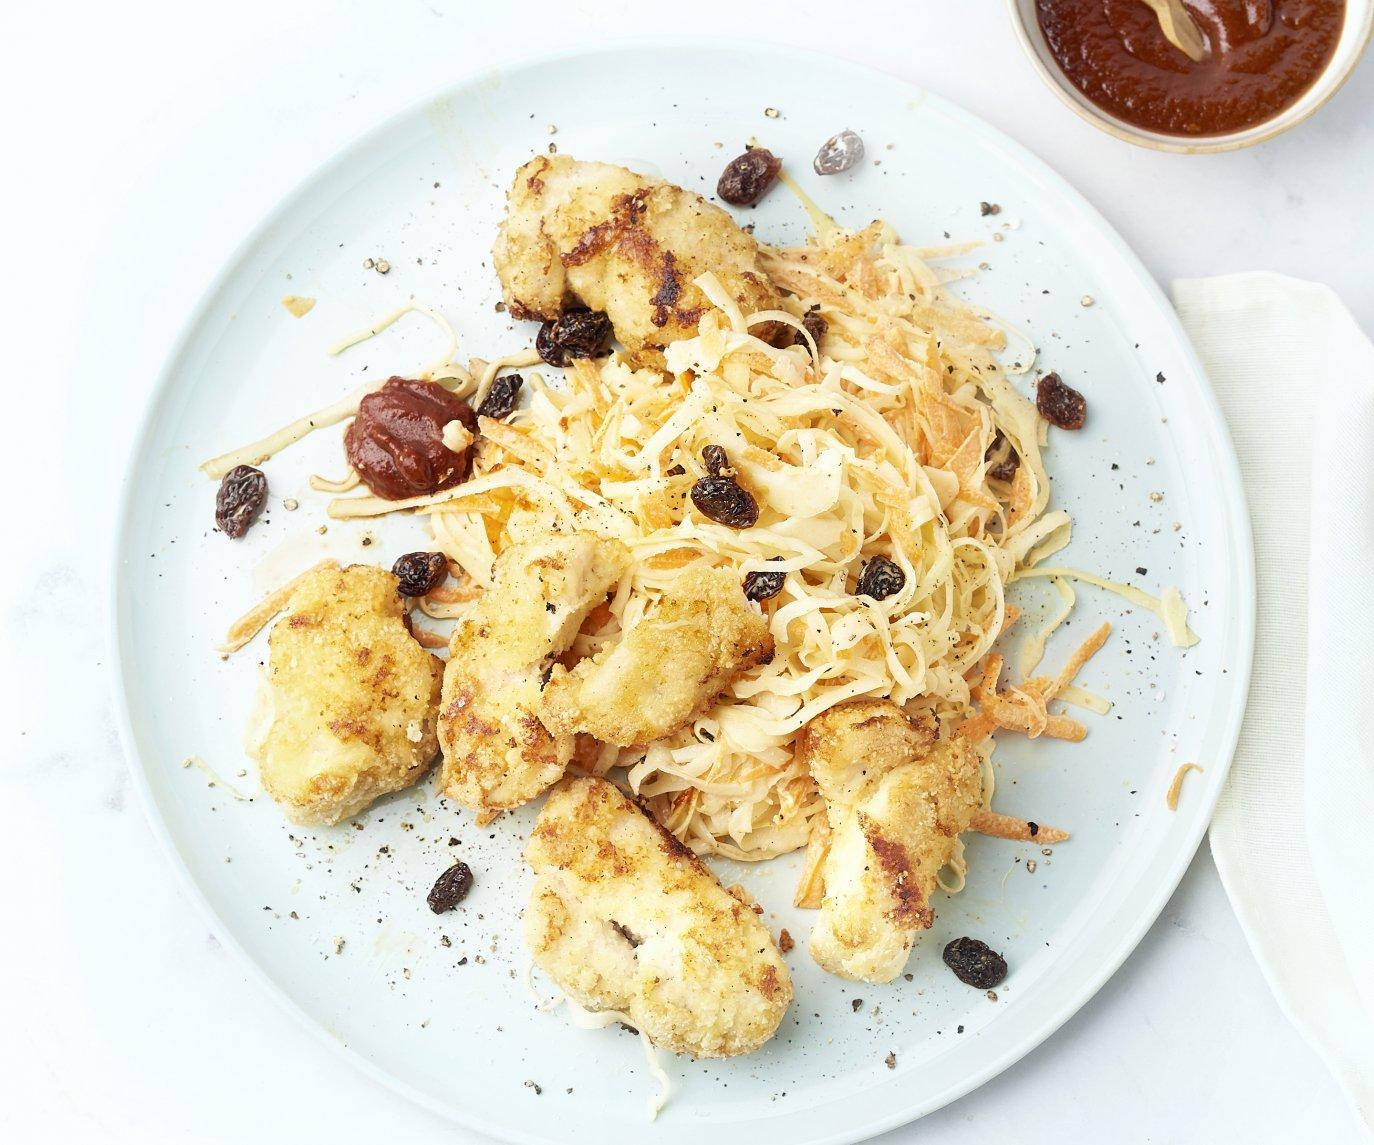 Lichte chicken nuggets met snelle barbecuesaus en coleslaw